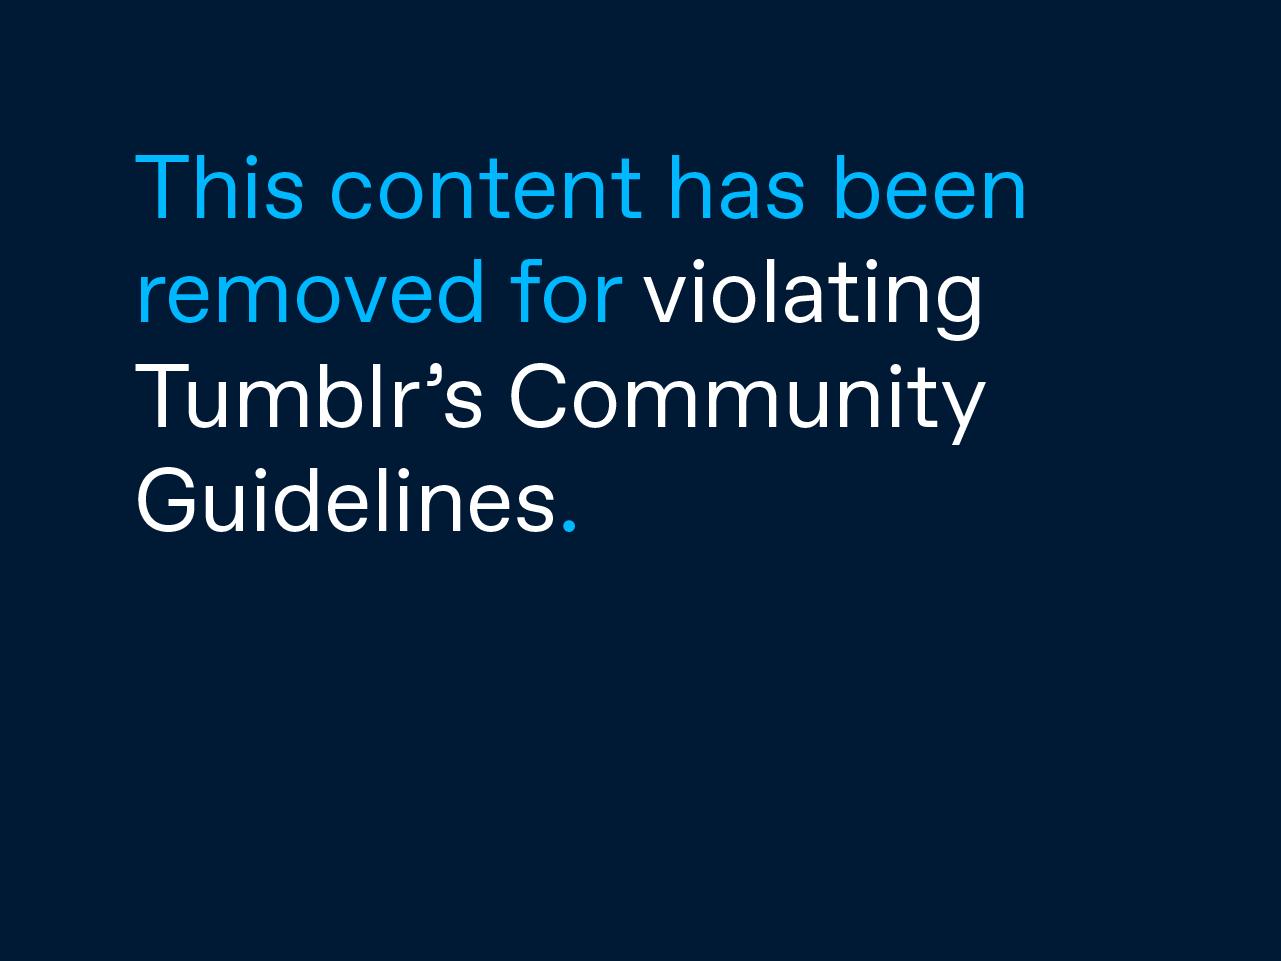 hedonism ii nude beach - Ig2FAP